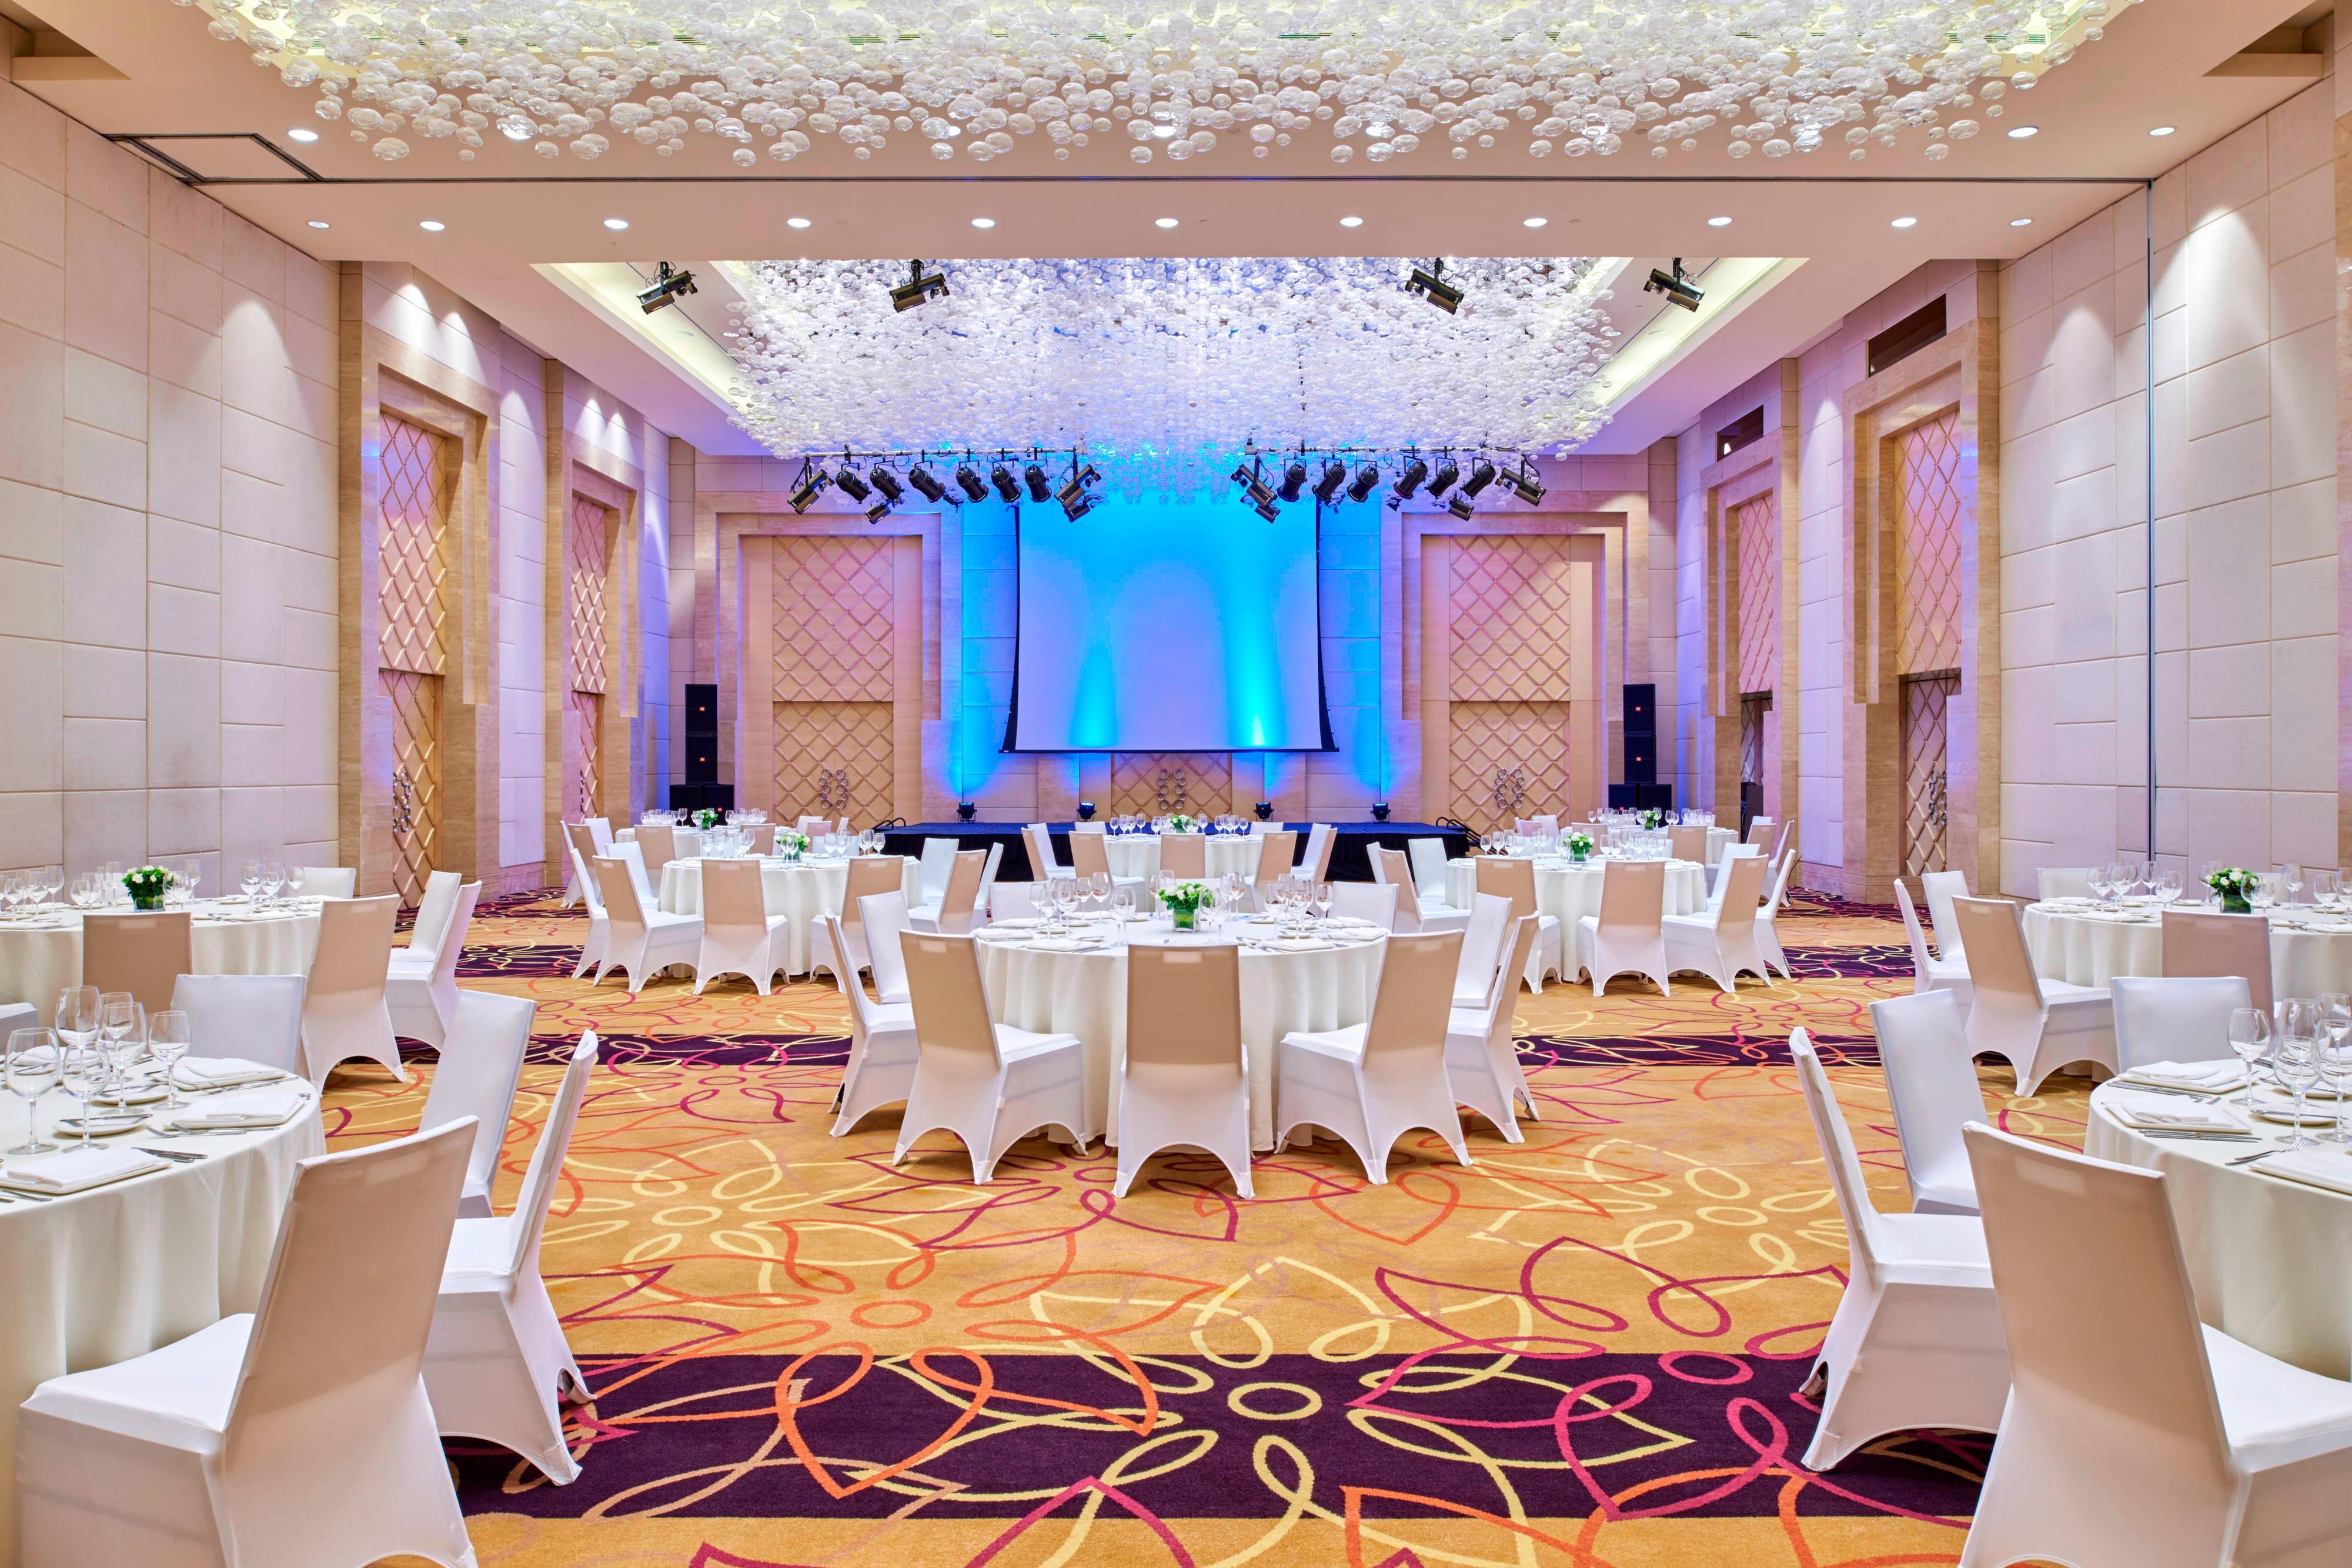 Grand Ballroom Banquet up